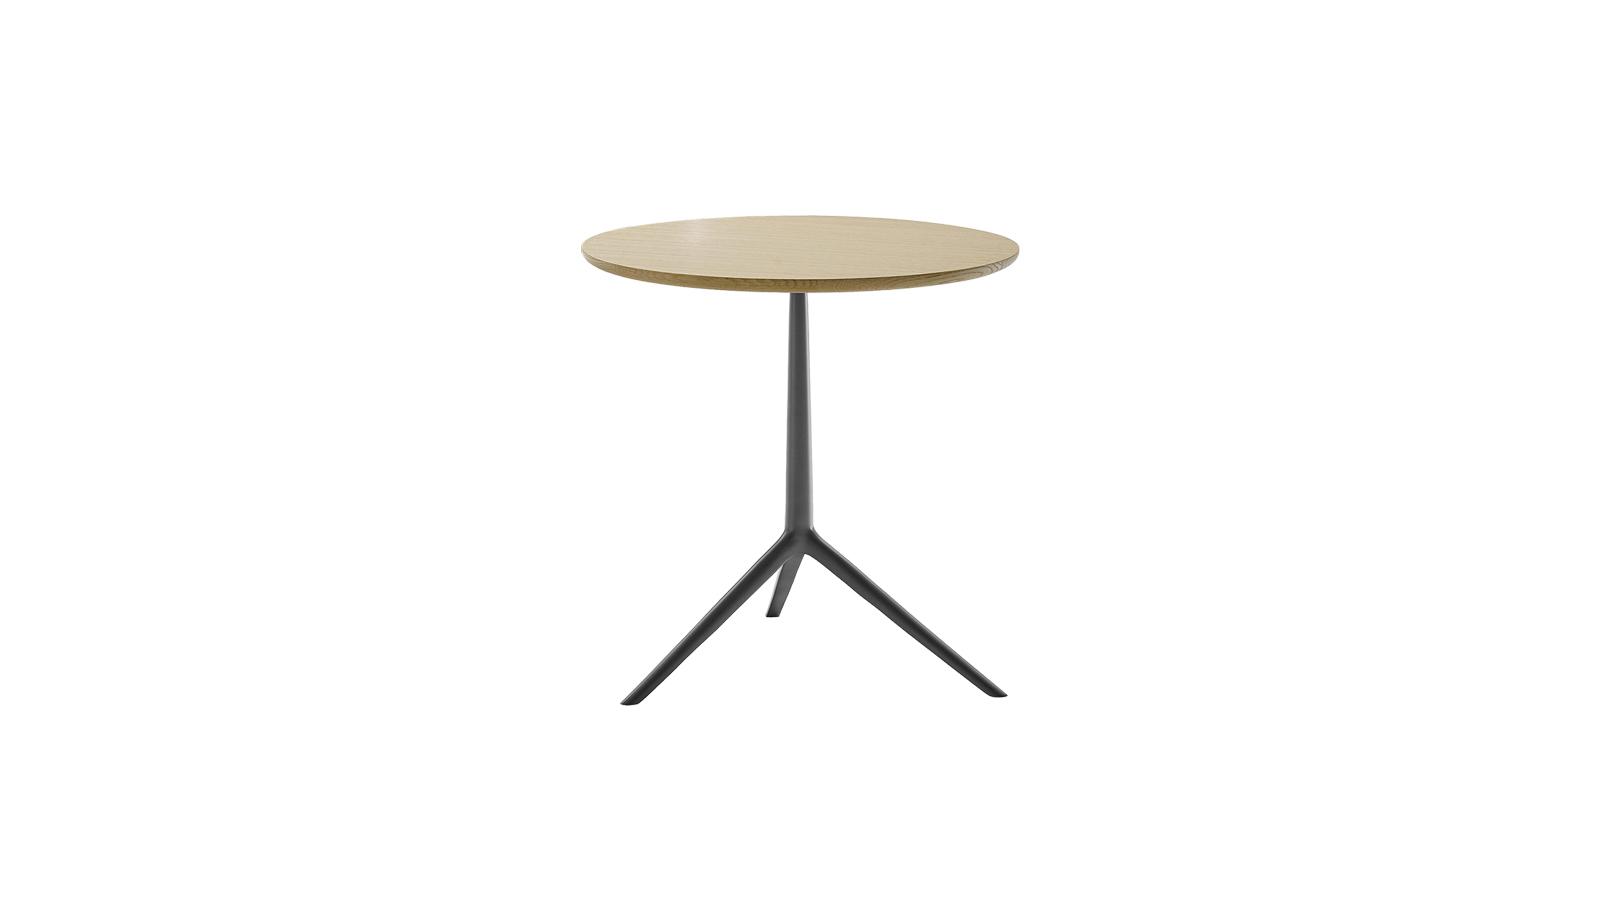 A hangulatos Cozy asztalok a klasszikus háromlábú kisasztalok esztétikáját emelik be az exkluzív design univerzumába. A 60 cm magas bútorok bármilyen enteriőrben kiválóan mutatnak, és többféle alapanyaggal is elérhetők, többek között tölgy- és eukaliptuszlappal, illetve króm- és sárgaréz lábakkal.